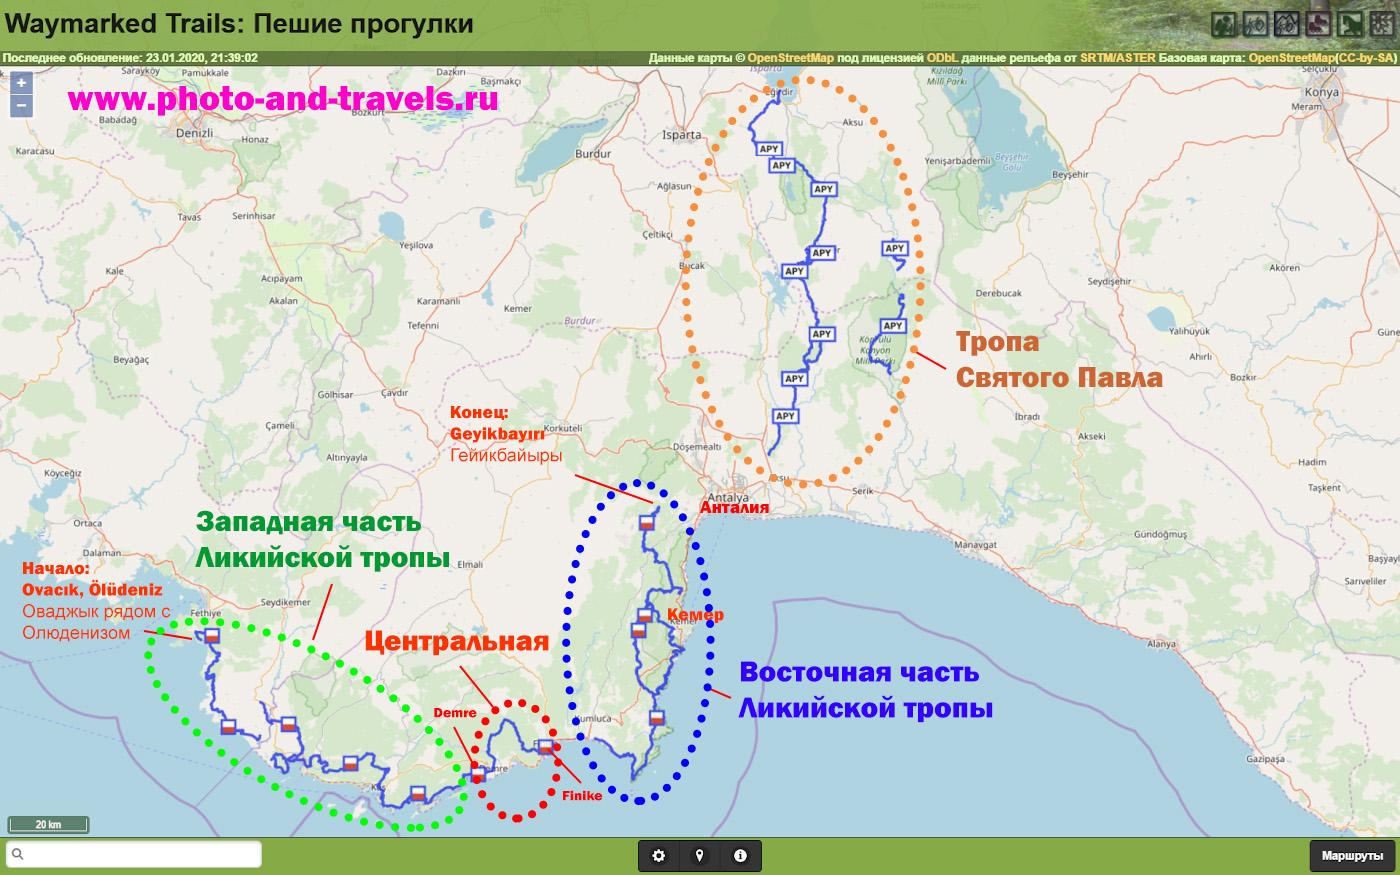 21. Карта участков Западной, Центральной и Восточной Ликийской тропы в Турции. А также -схема расположения Тропы Святого Павла.